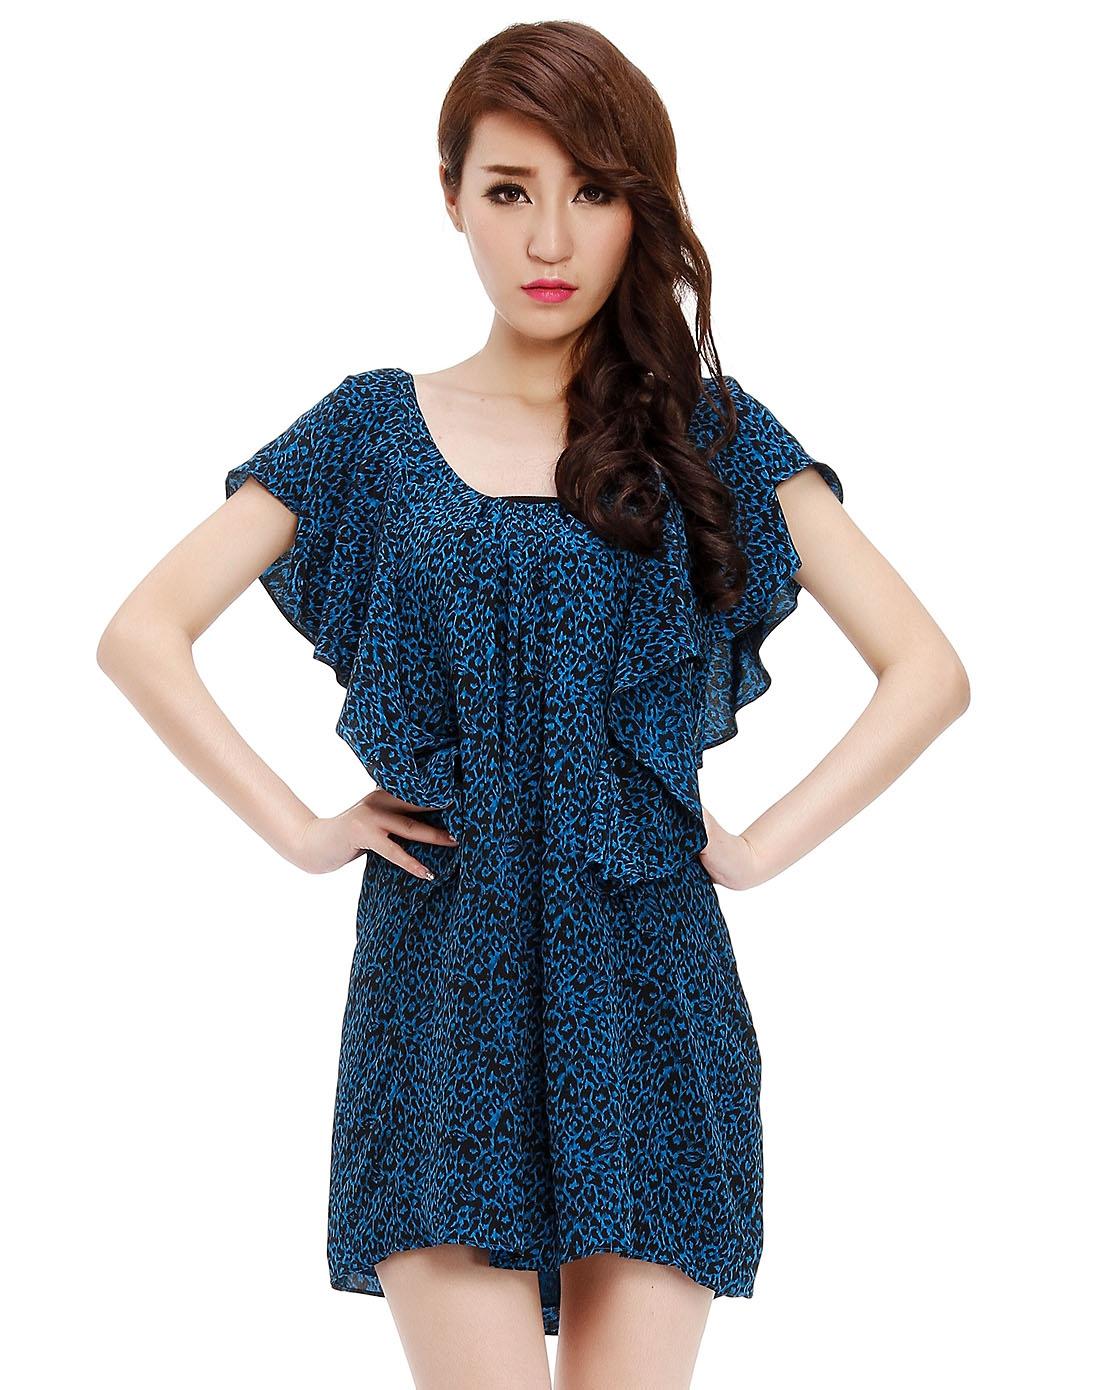 经典黑蓝色豹纹短袖连衣裙